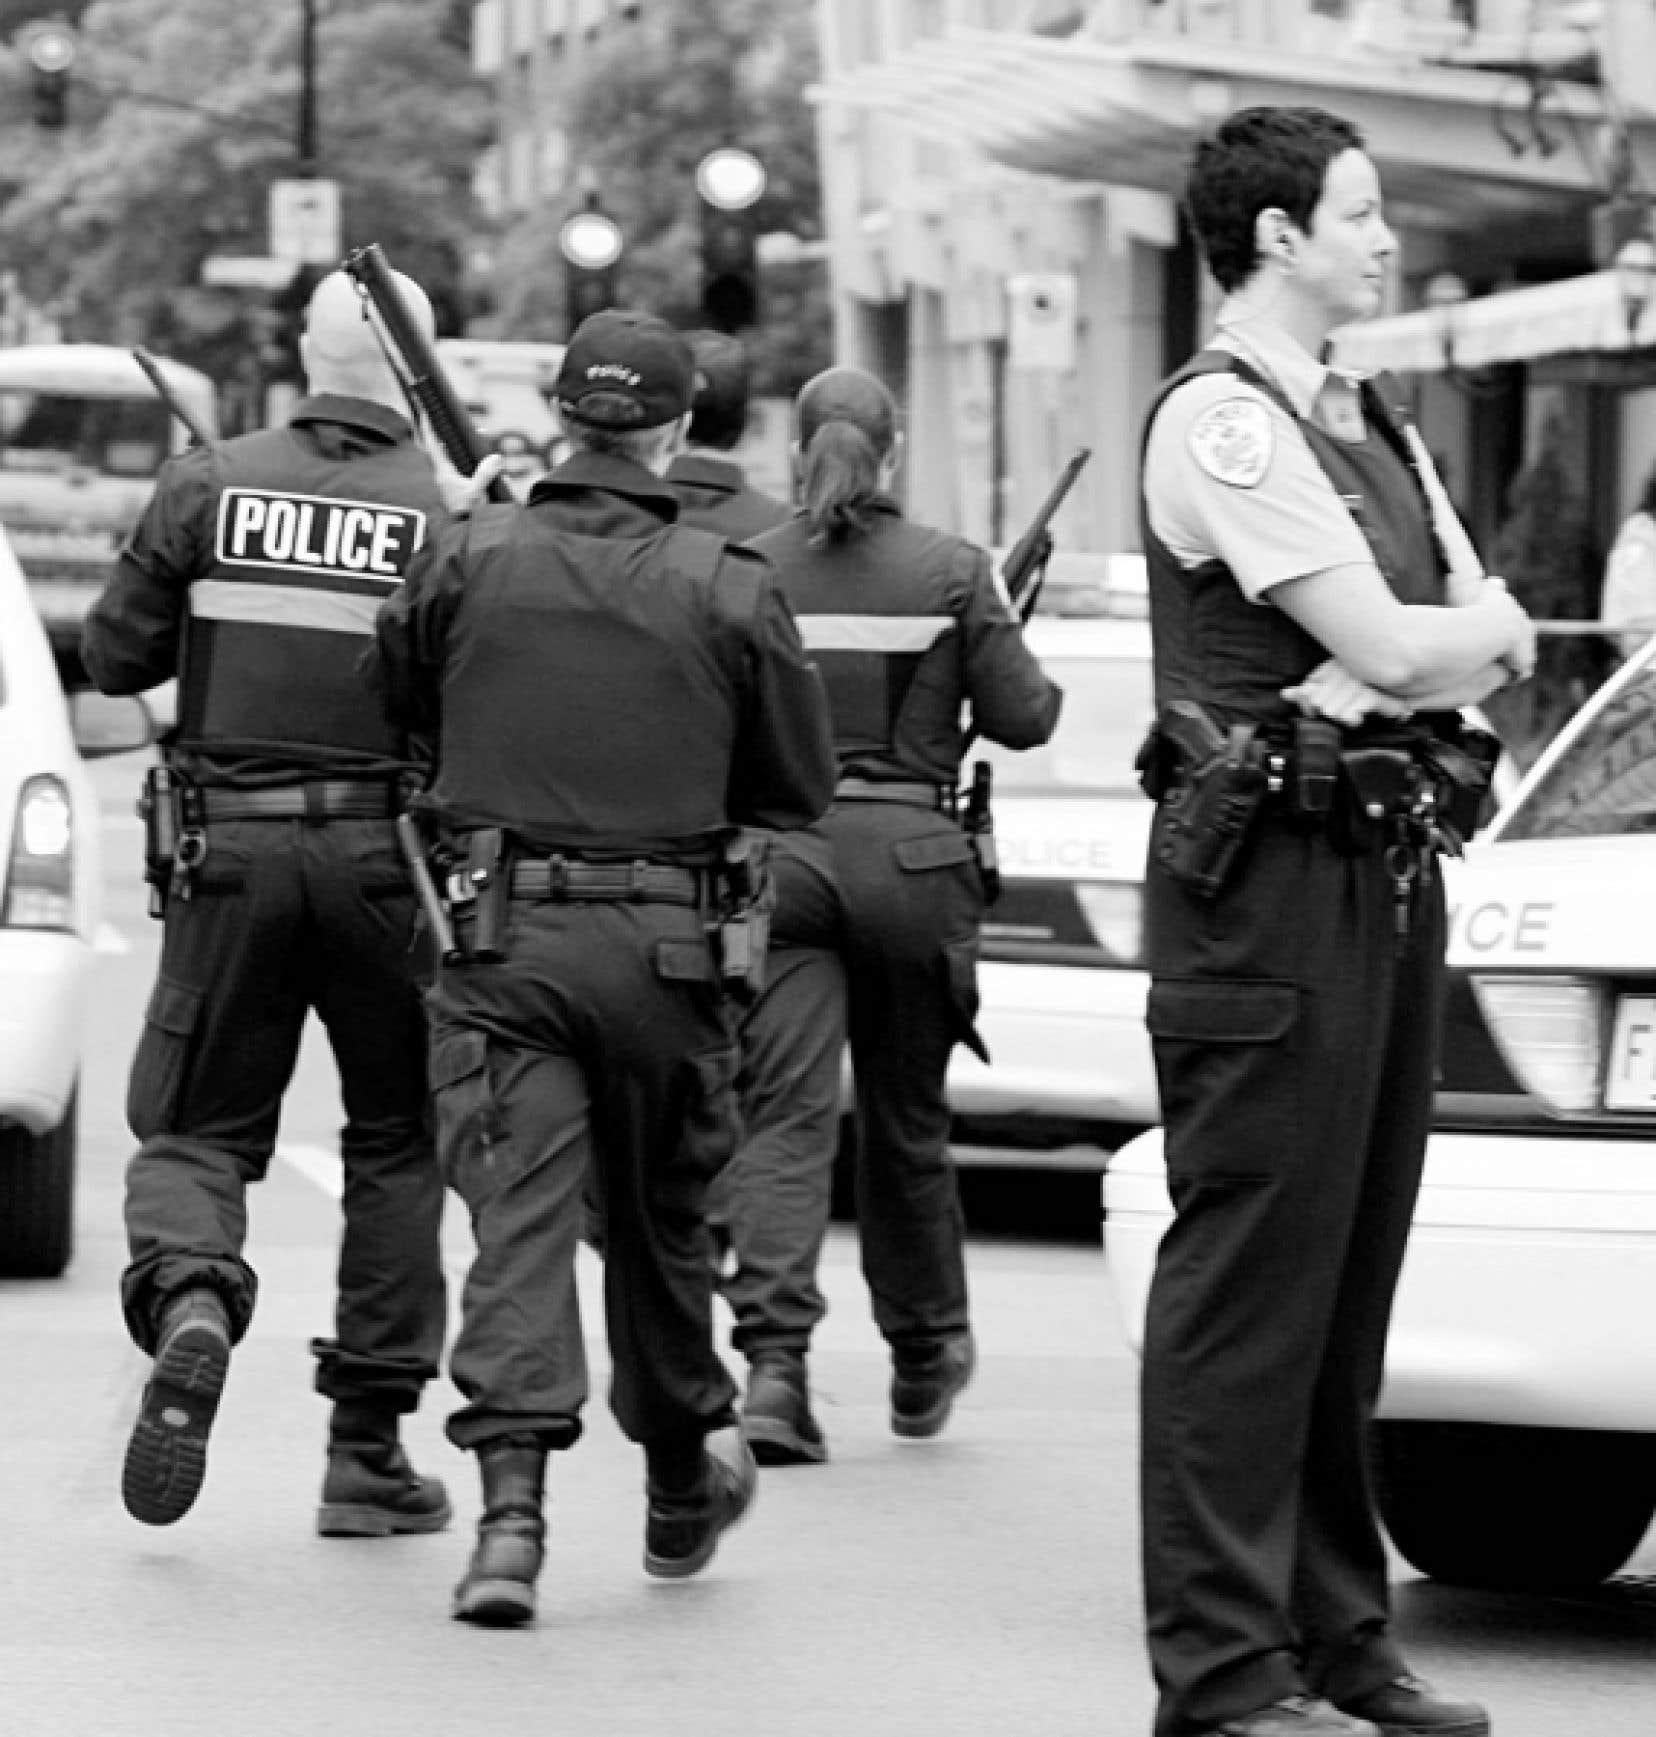 Selon des données obtenues récemment par la chaîne CTV en vertu de la Loi sur l'accès à l'information, 97 personnes ont été blessées sérieusement ou tuées par des policiers en devoir au Québec entre 2003 et 2006. Un seul agent de la SQ a été formellement accusé de conduite dangereuse ayant causé la mort et des lésions corporelles et de négligence criminelle, pour être finalement acquitté.